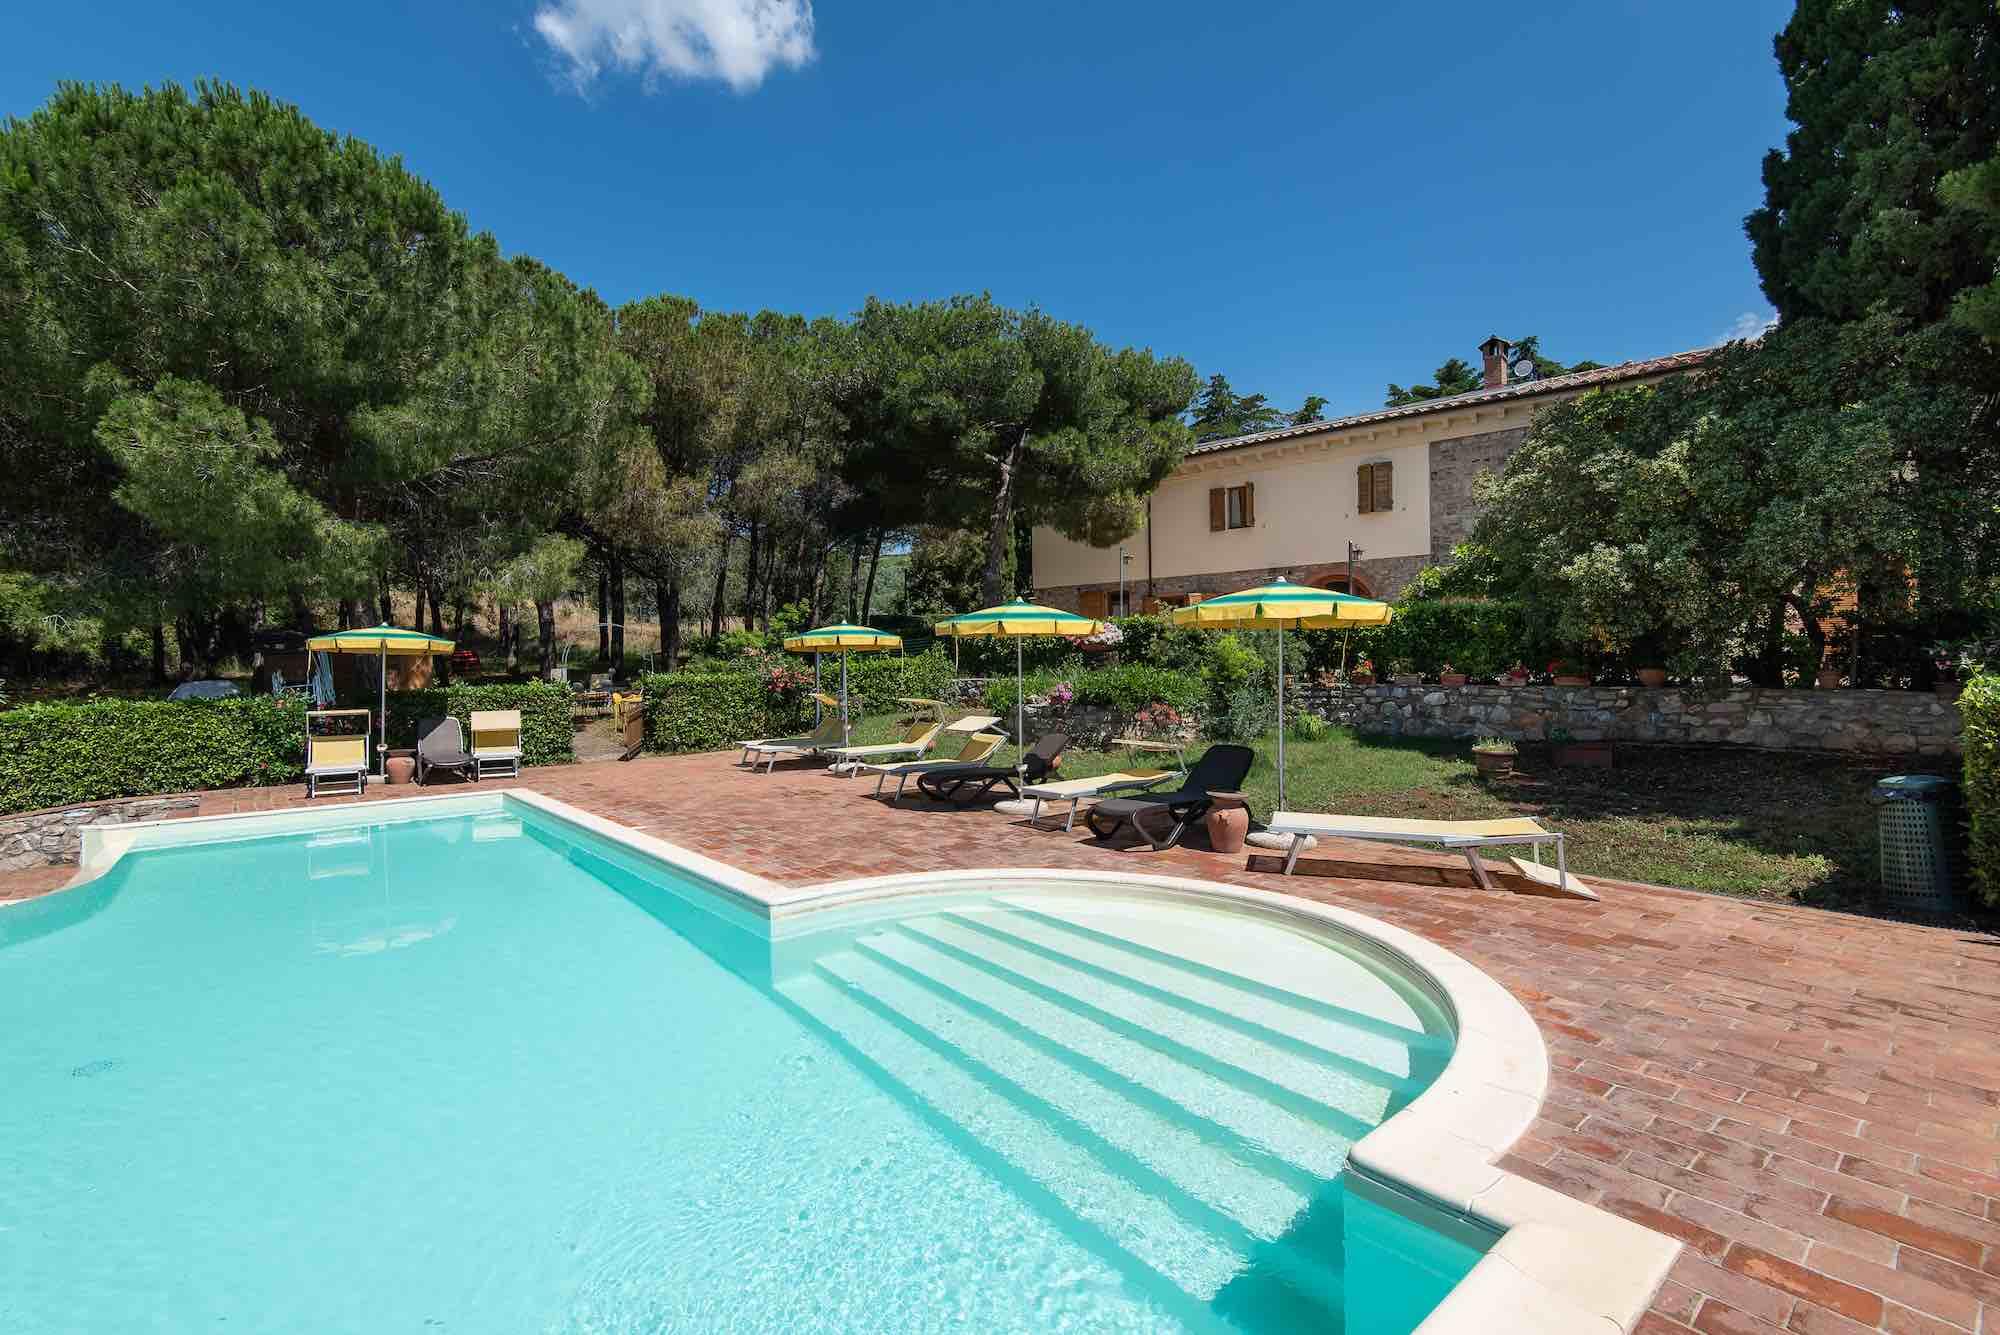 La casa vacanze Dolce Vita, tra Venturina e Campiglia Marittima, è un luogo ideale per una vacanza in Toscana con il cane